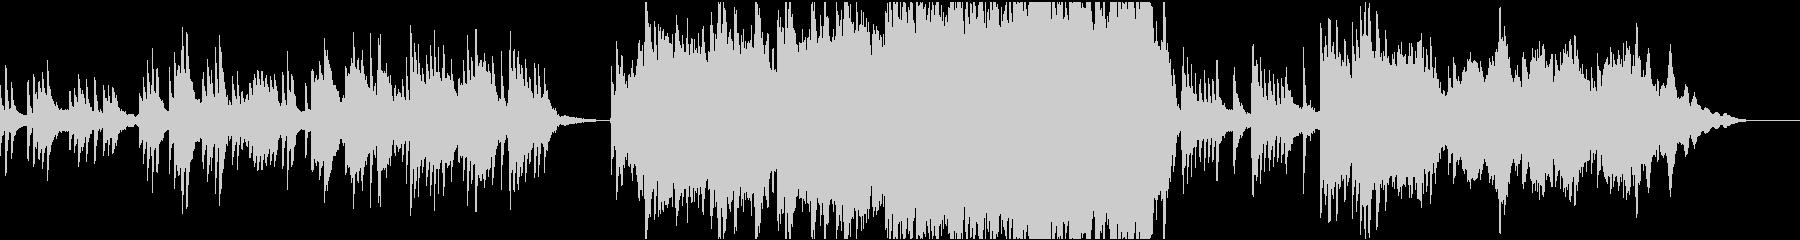 [劇伴] ピアノ曲 切ない別れのシーンにの未再生の波形